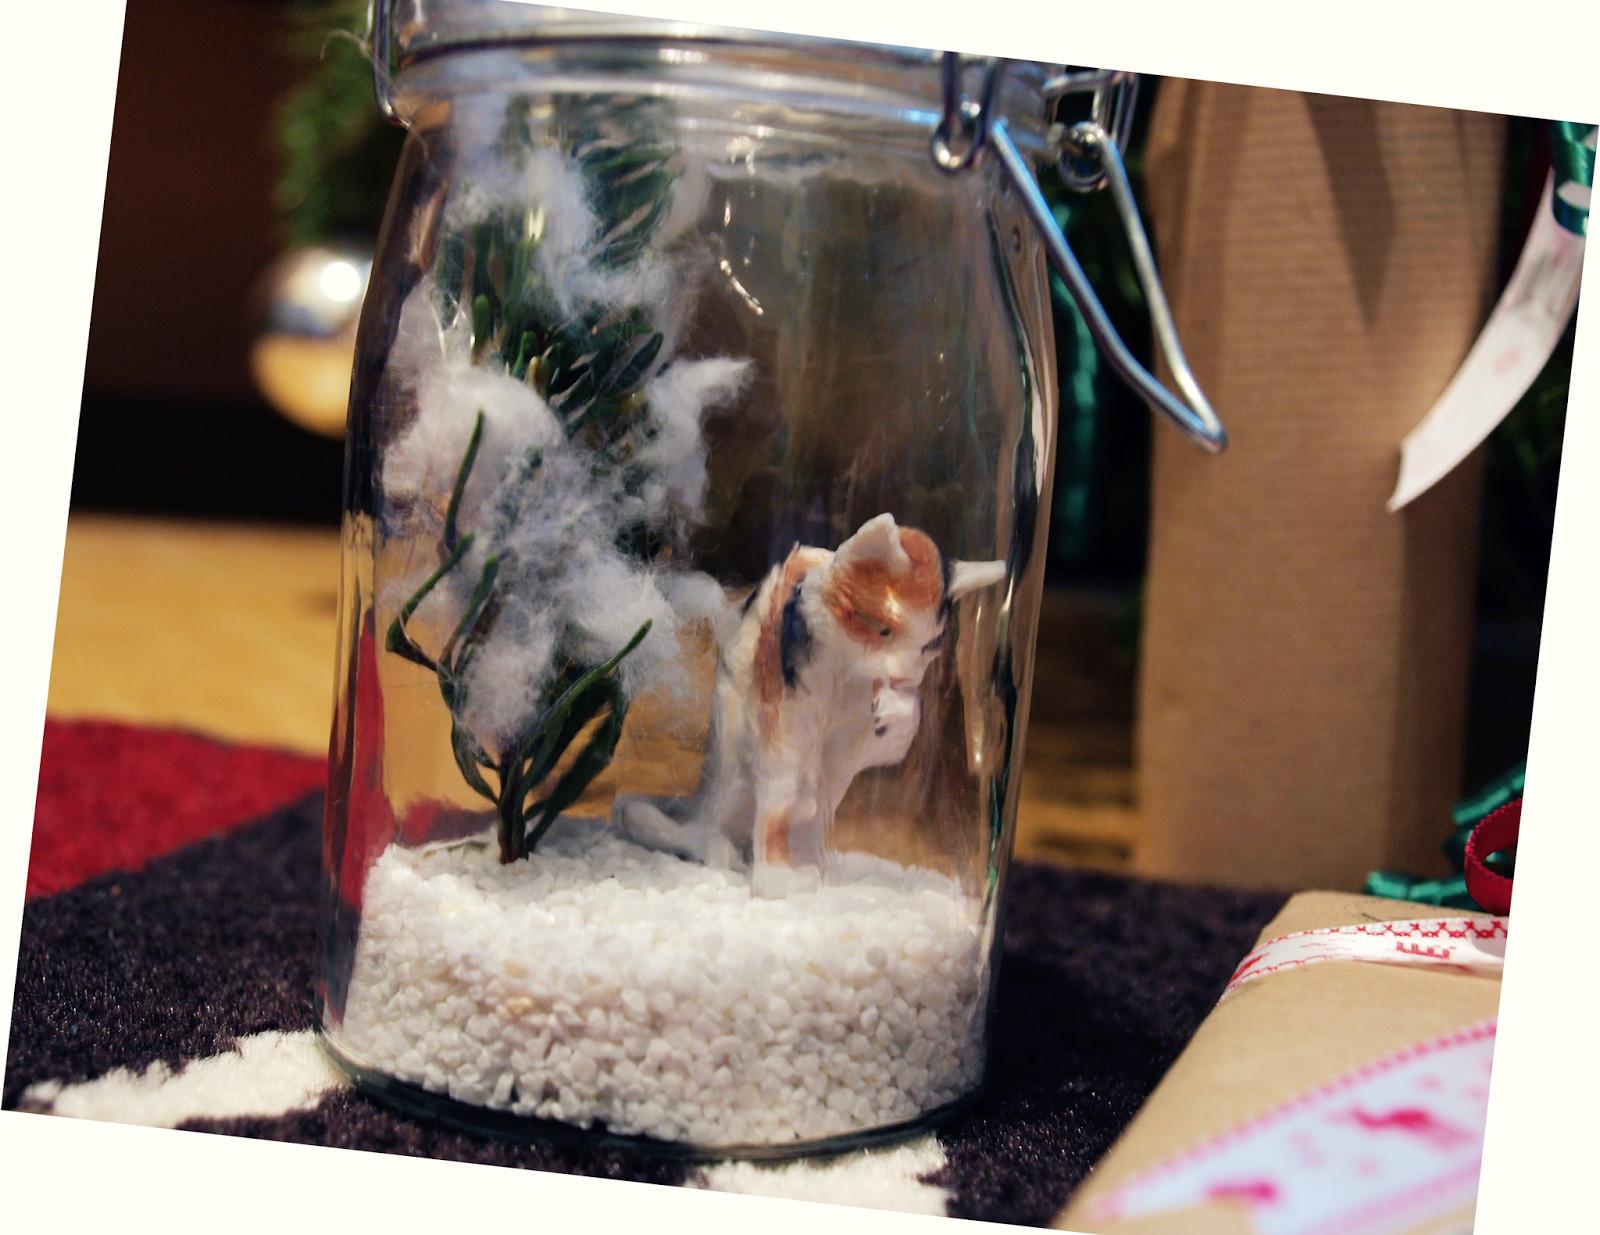 Katzen Geschenke  Kleidermotte Katzen im Glas und Geschenke verpacken